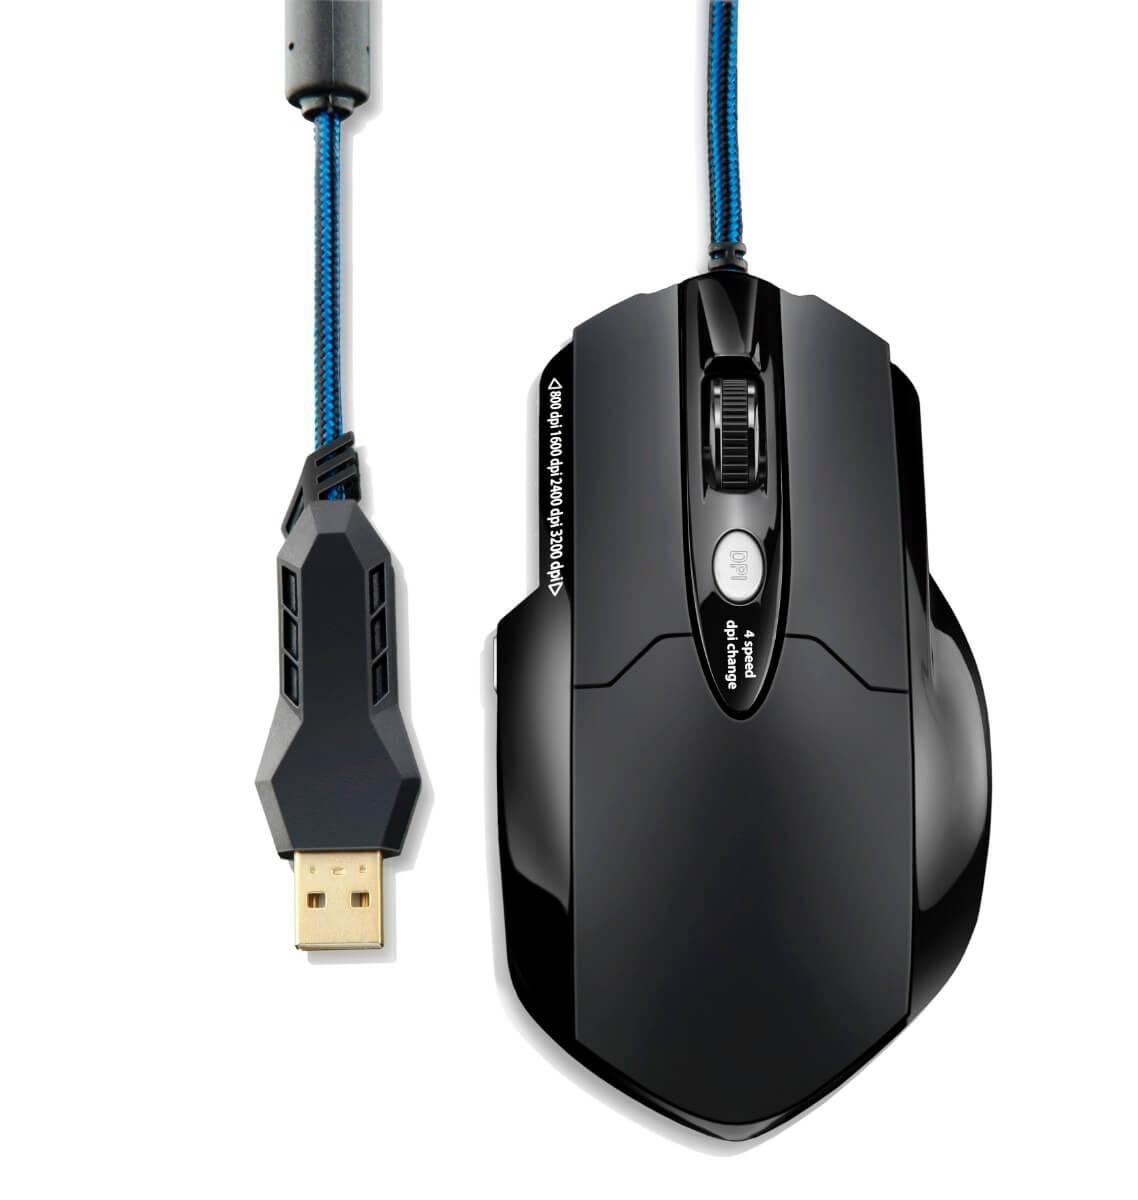 Mouse Gamer Usb Laser Mo191 Warrior 3200Dpi